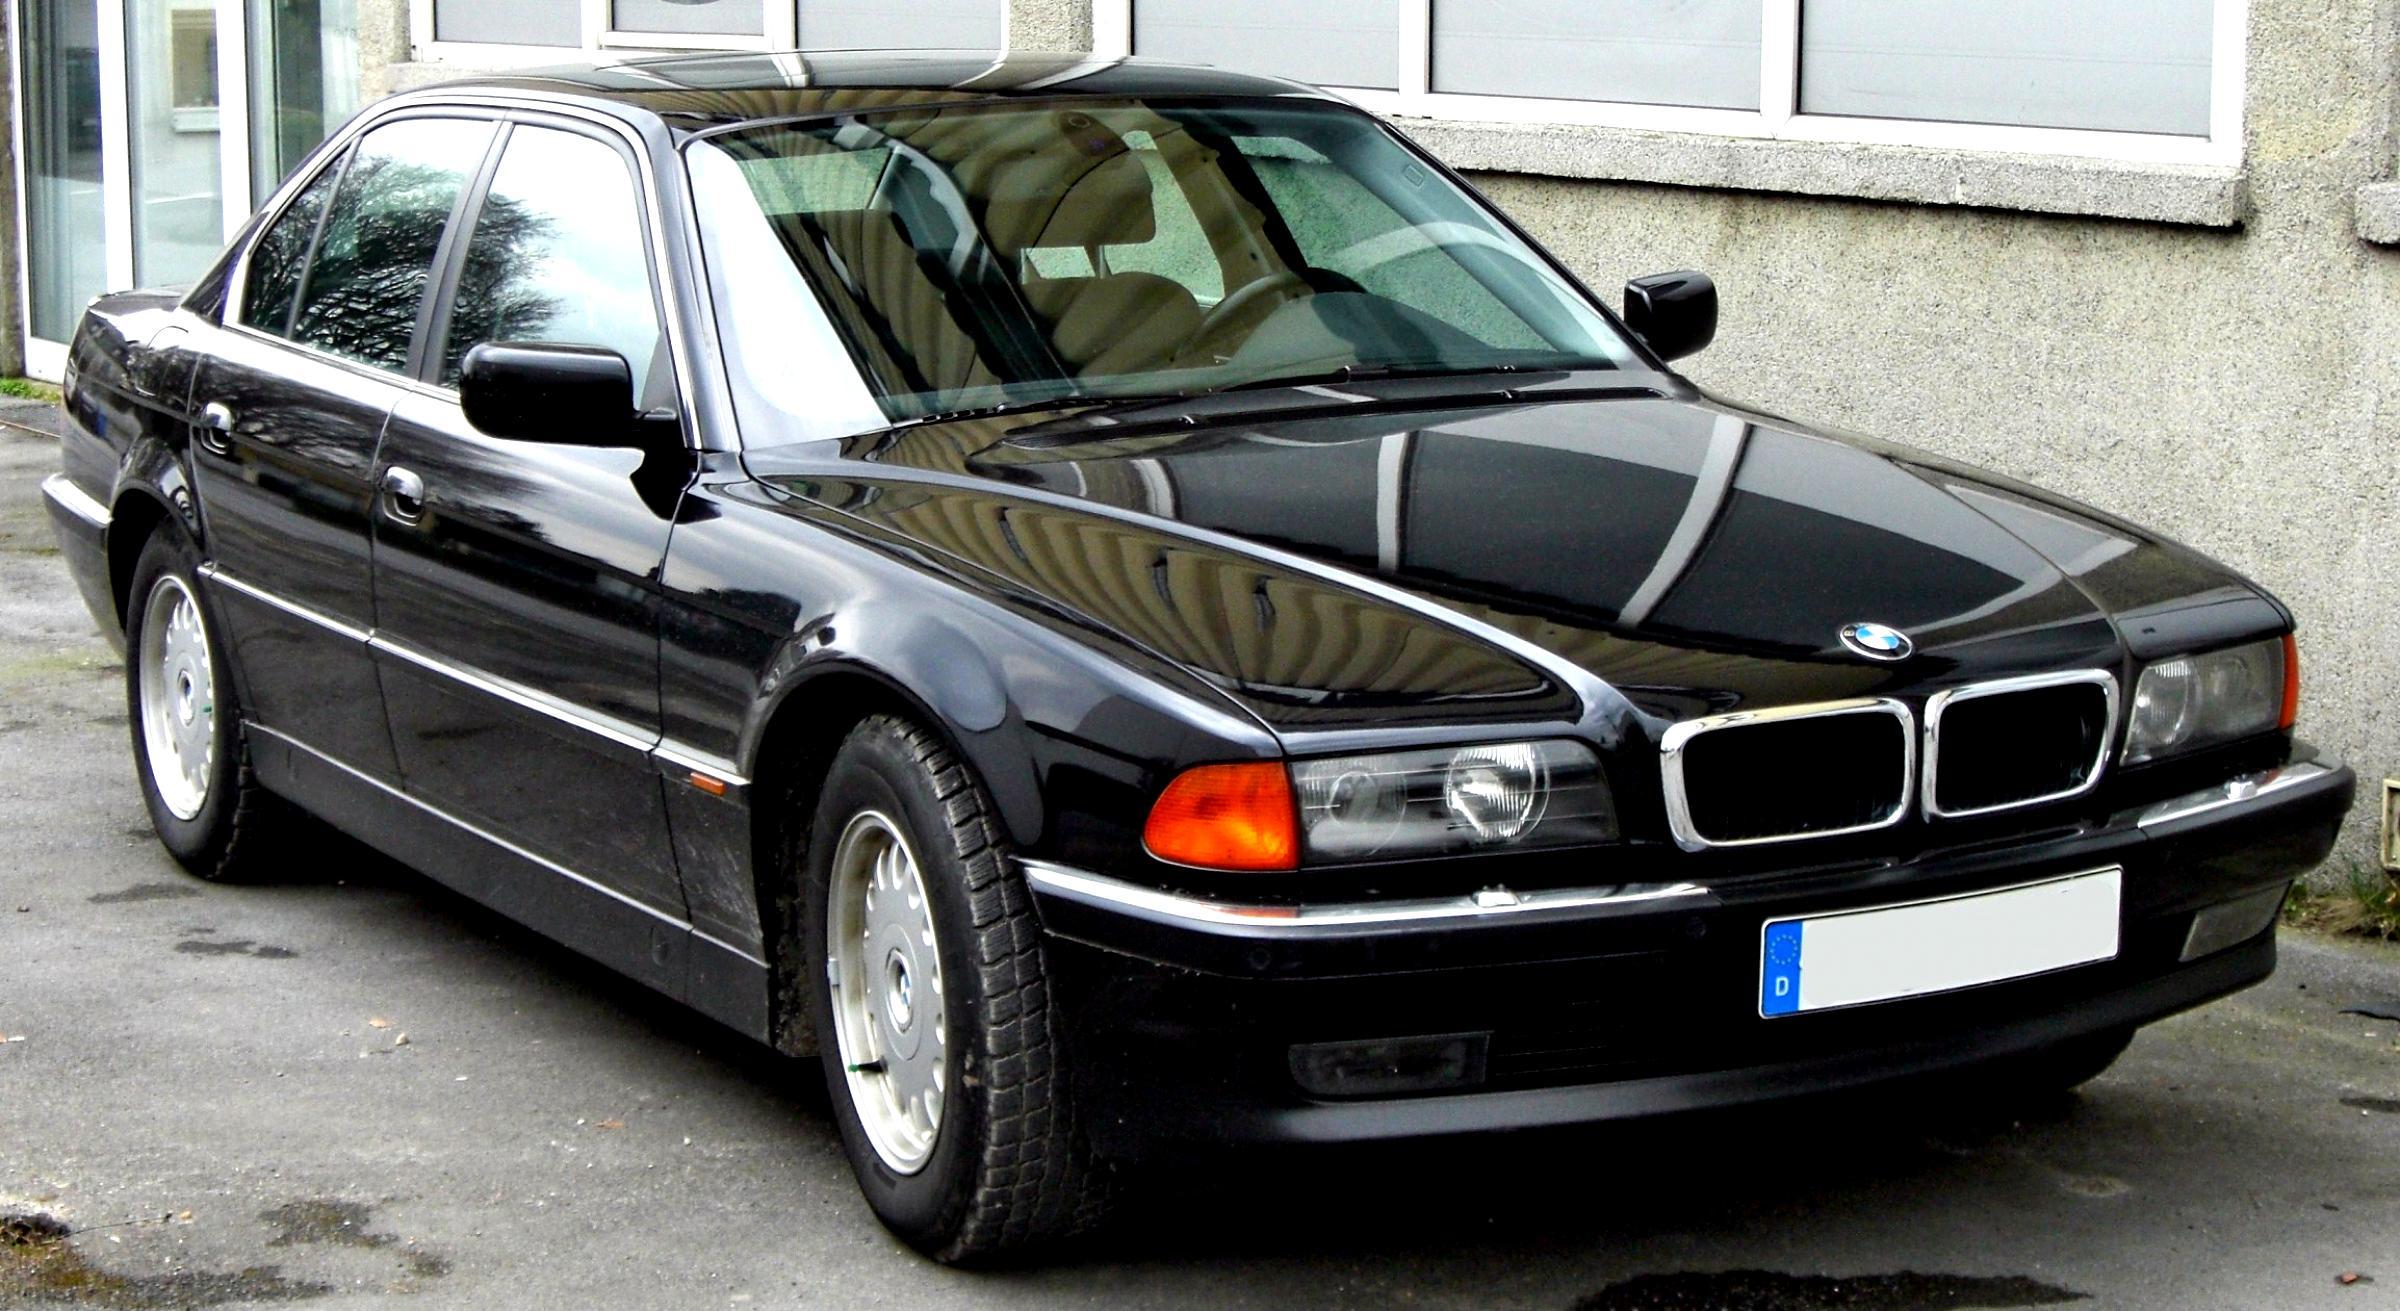 BMW 7 Series E38 1994 on MotoImg.com